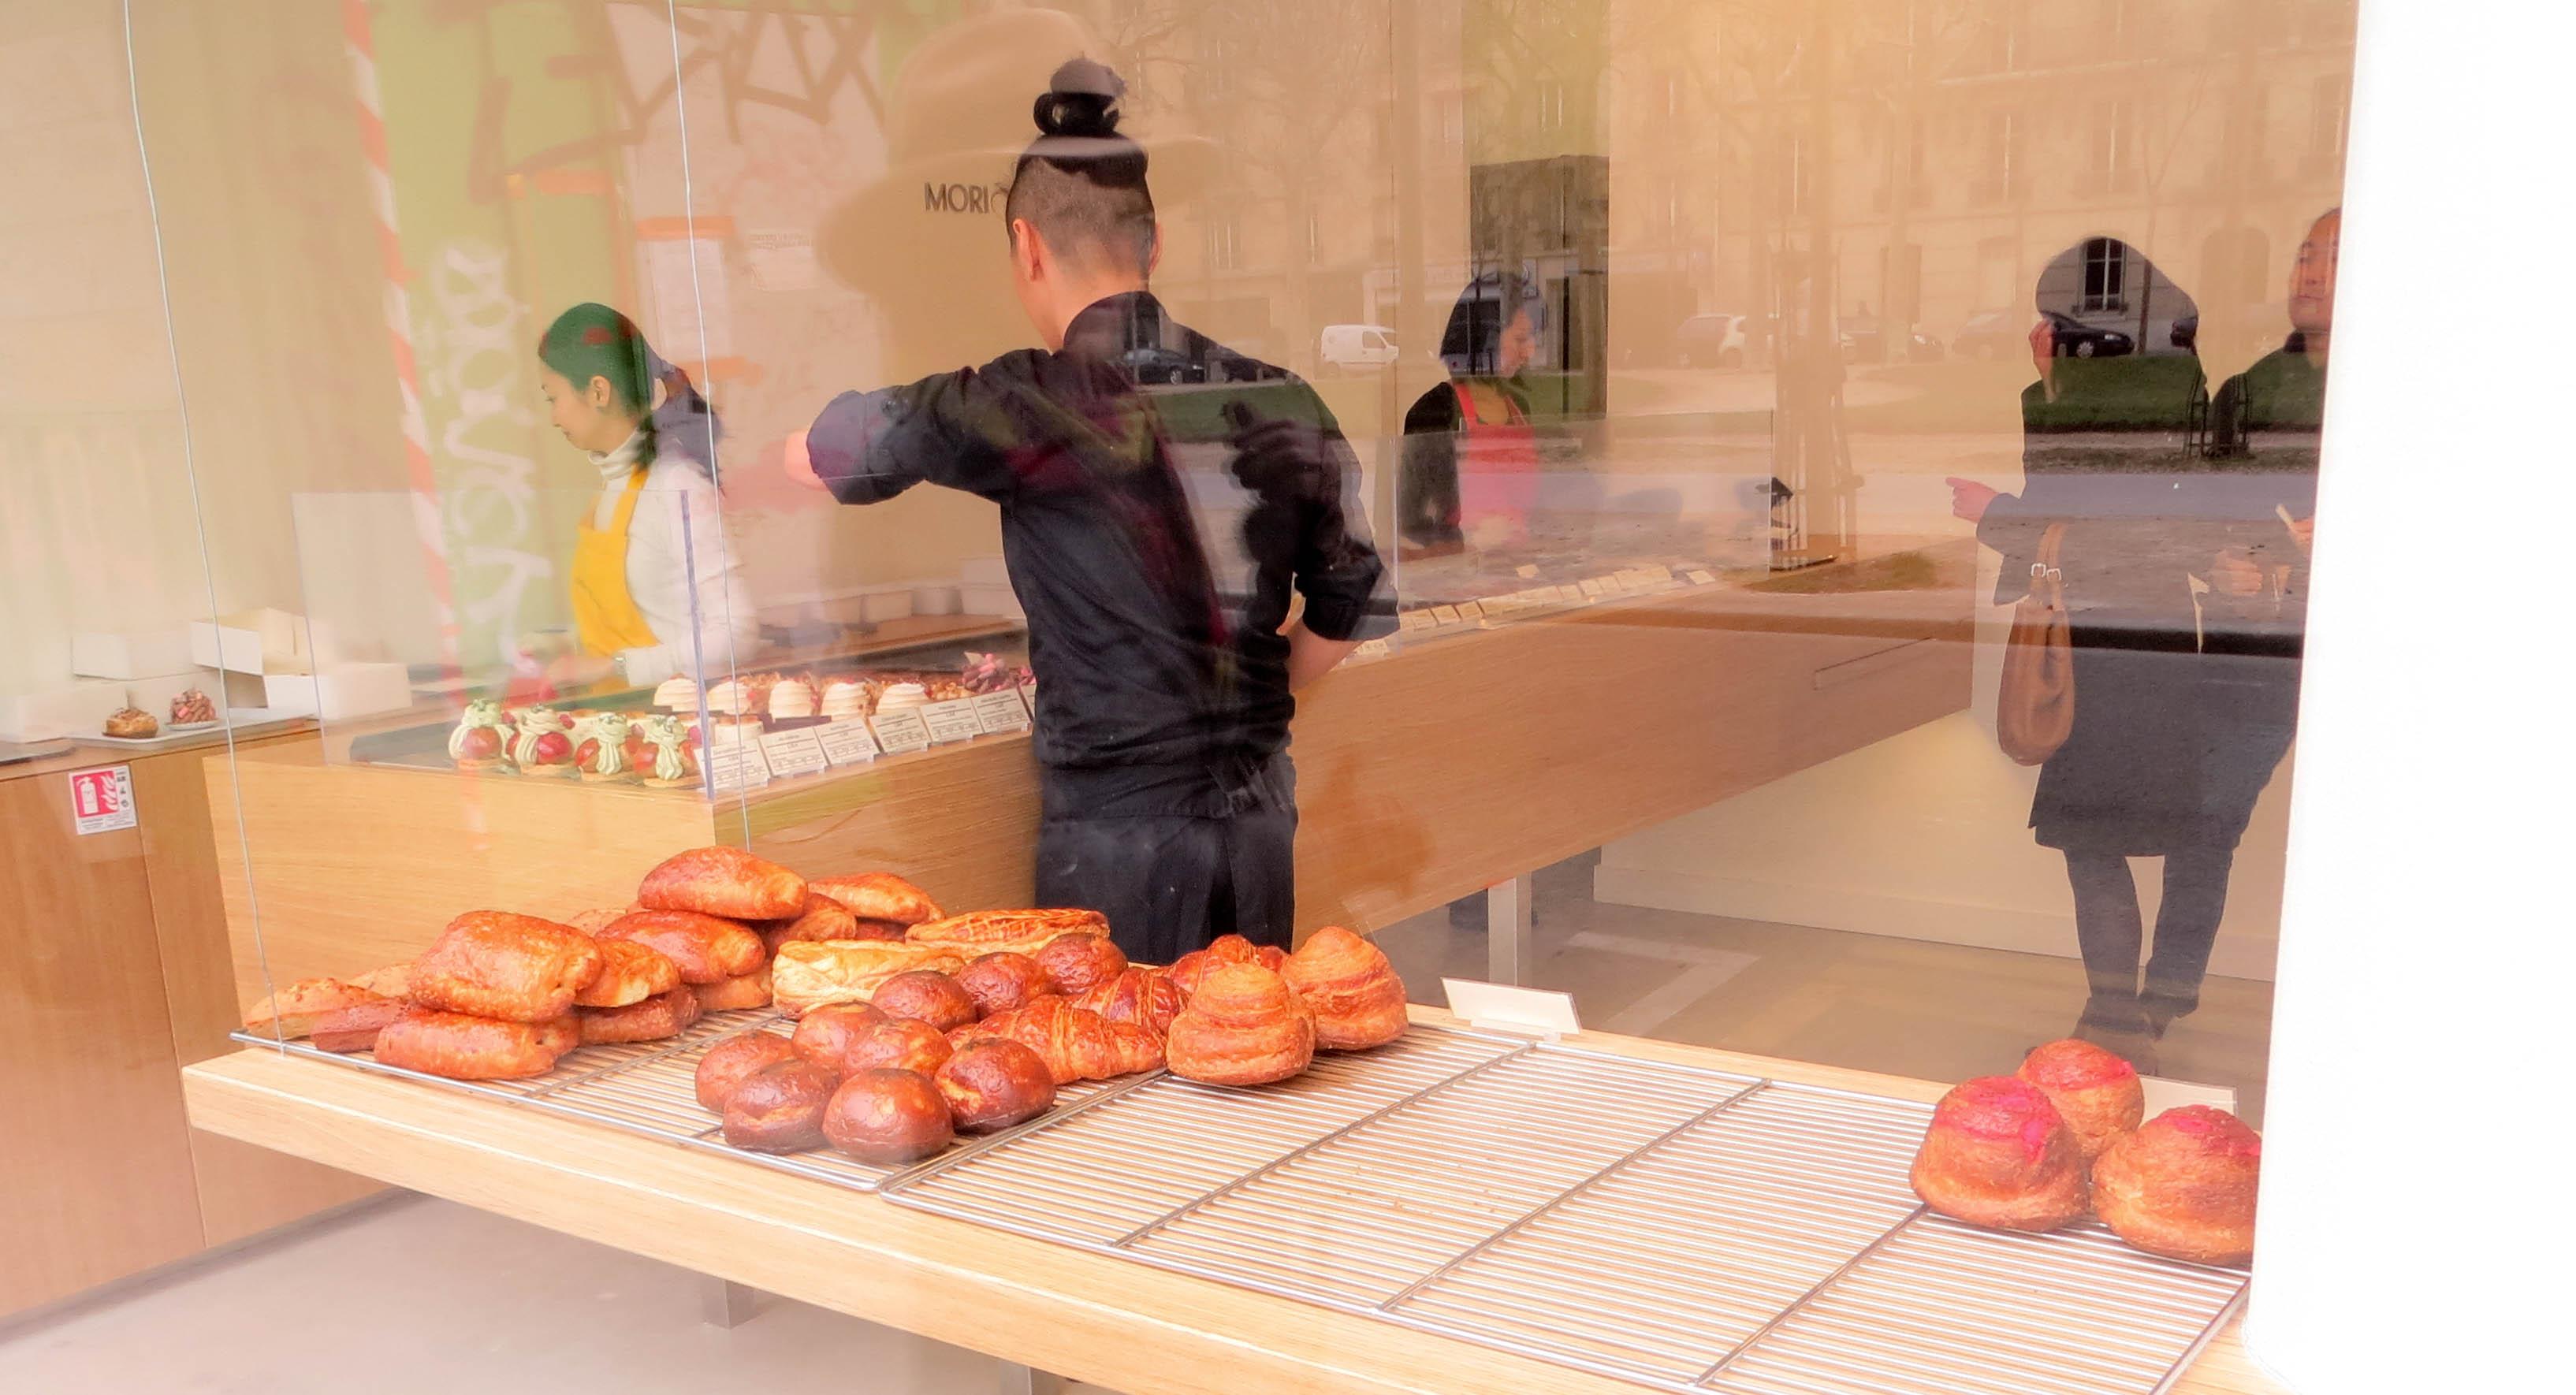 Morihide Yoshida de dos dans sa boutique, avec au premier plan les  viennoiseries présentées sur